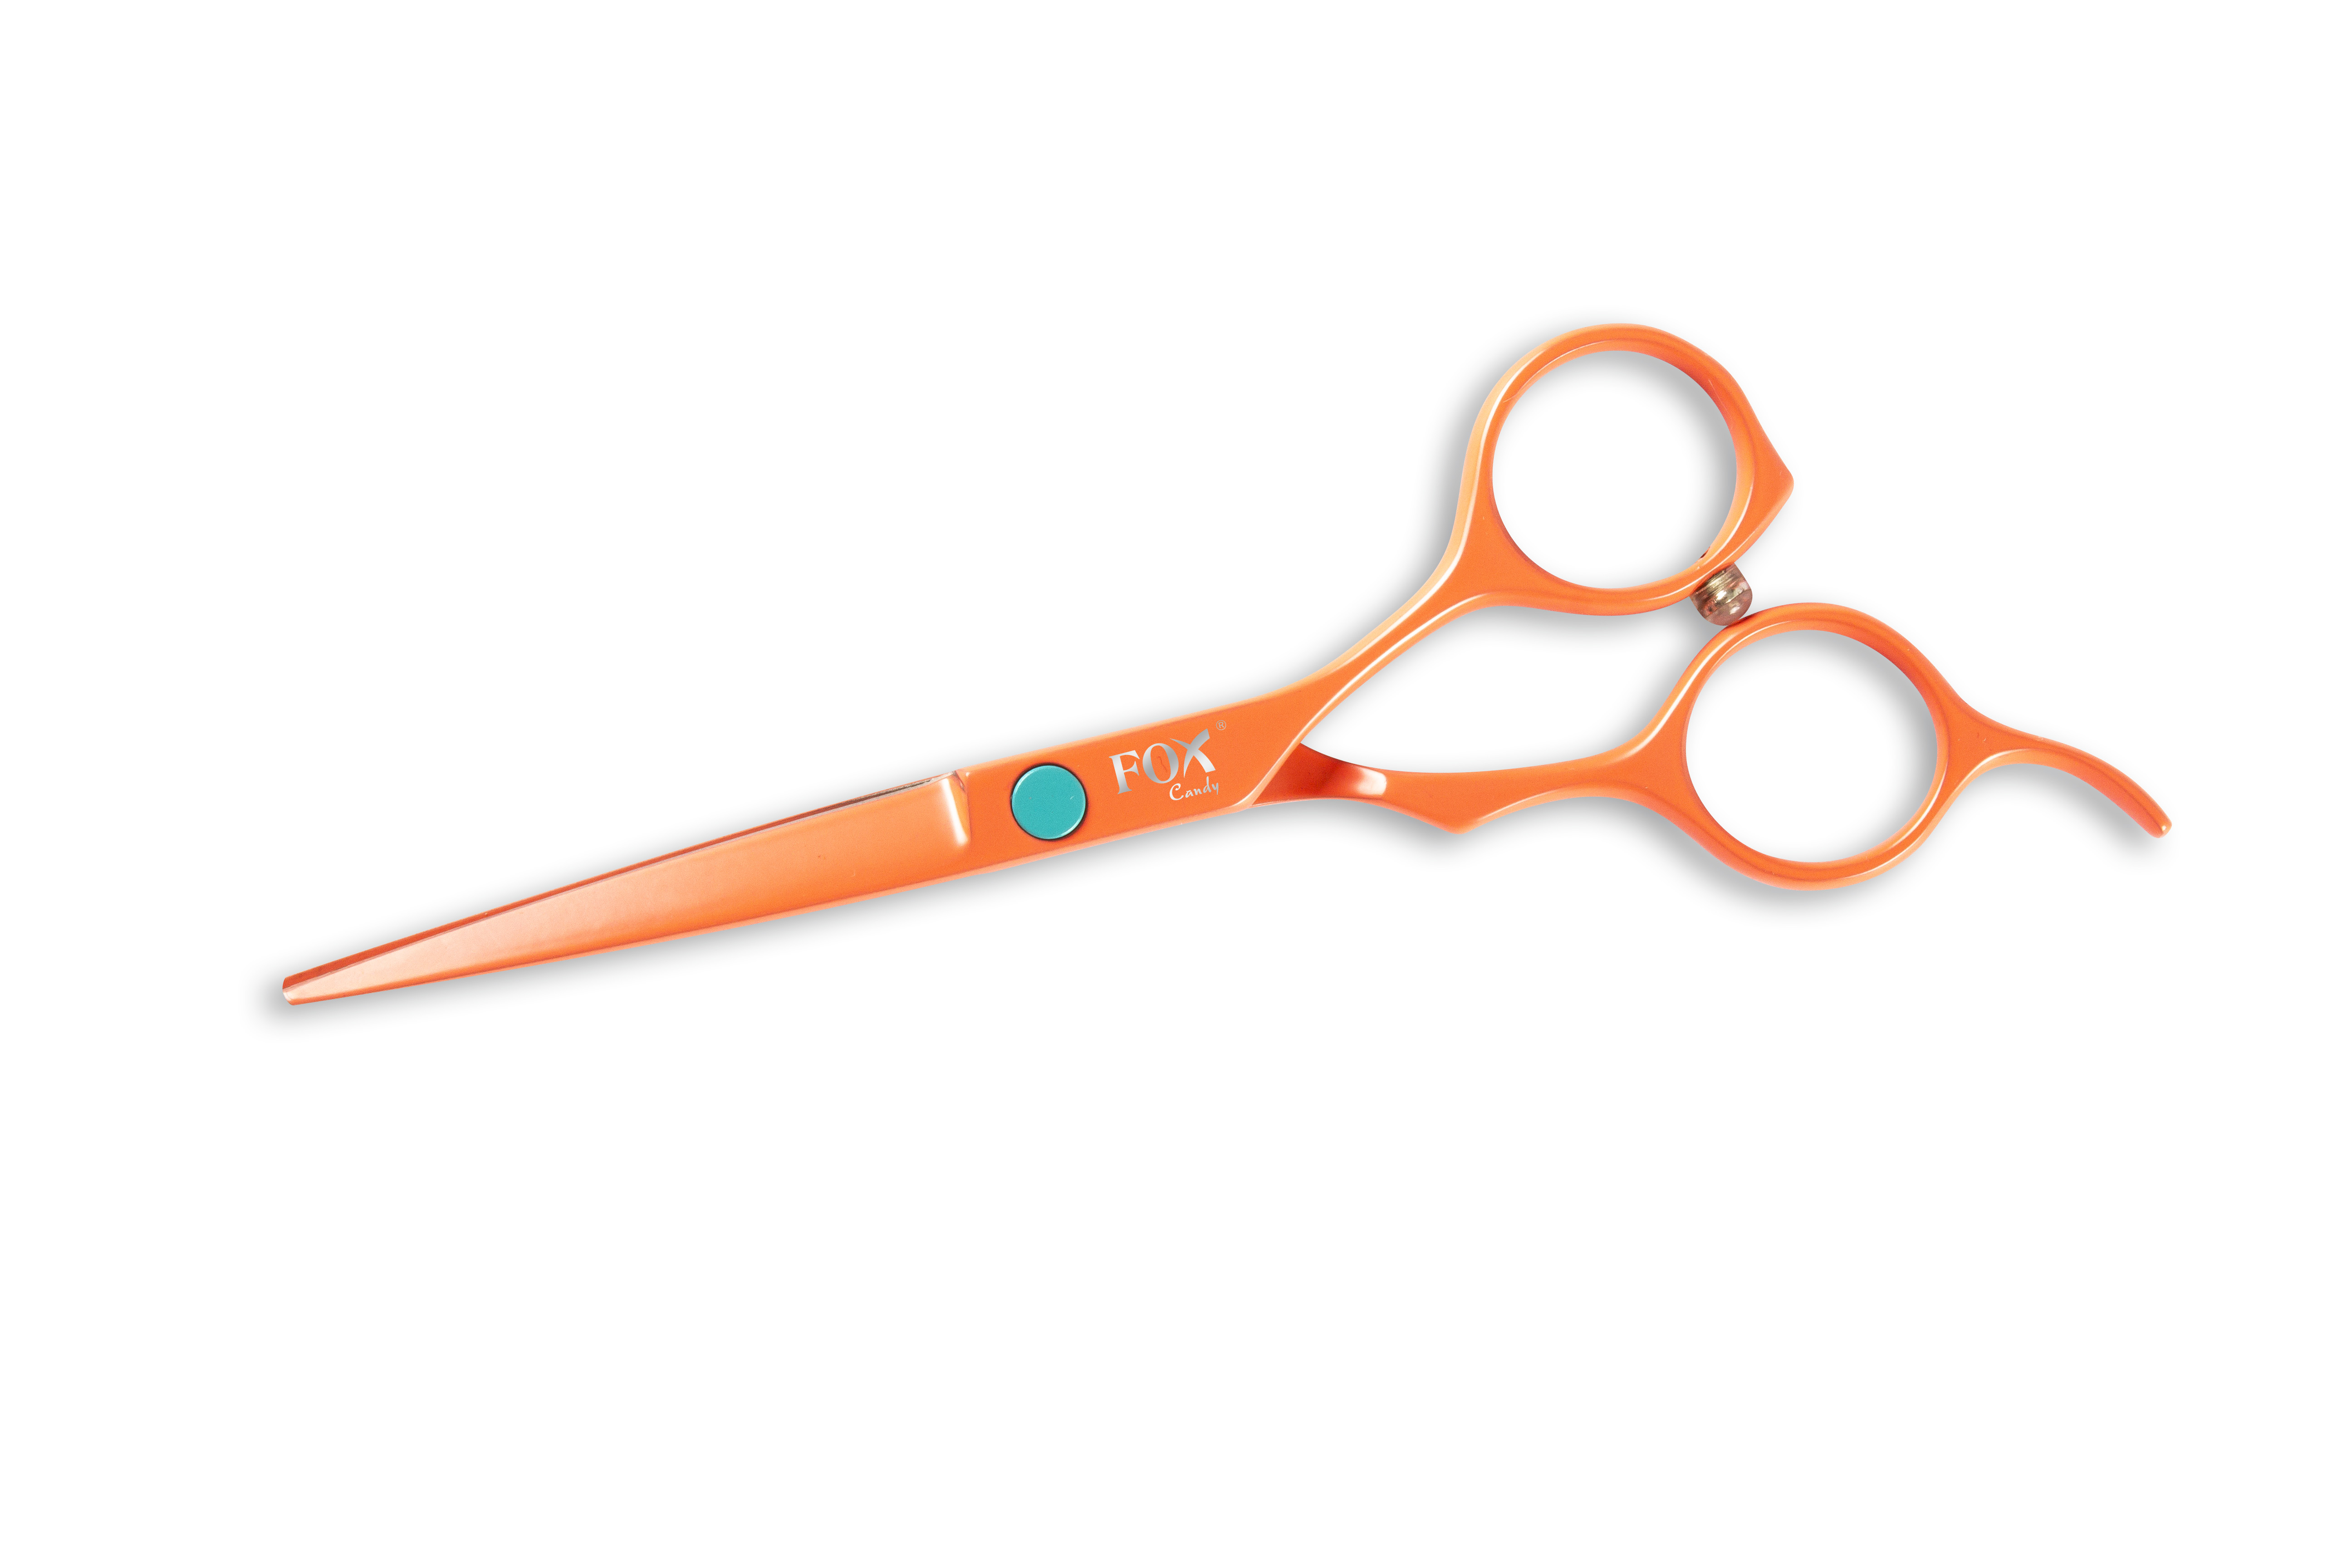 Nůžky FOX CANDY oranžové 5.5